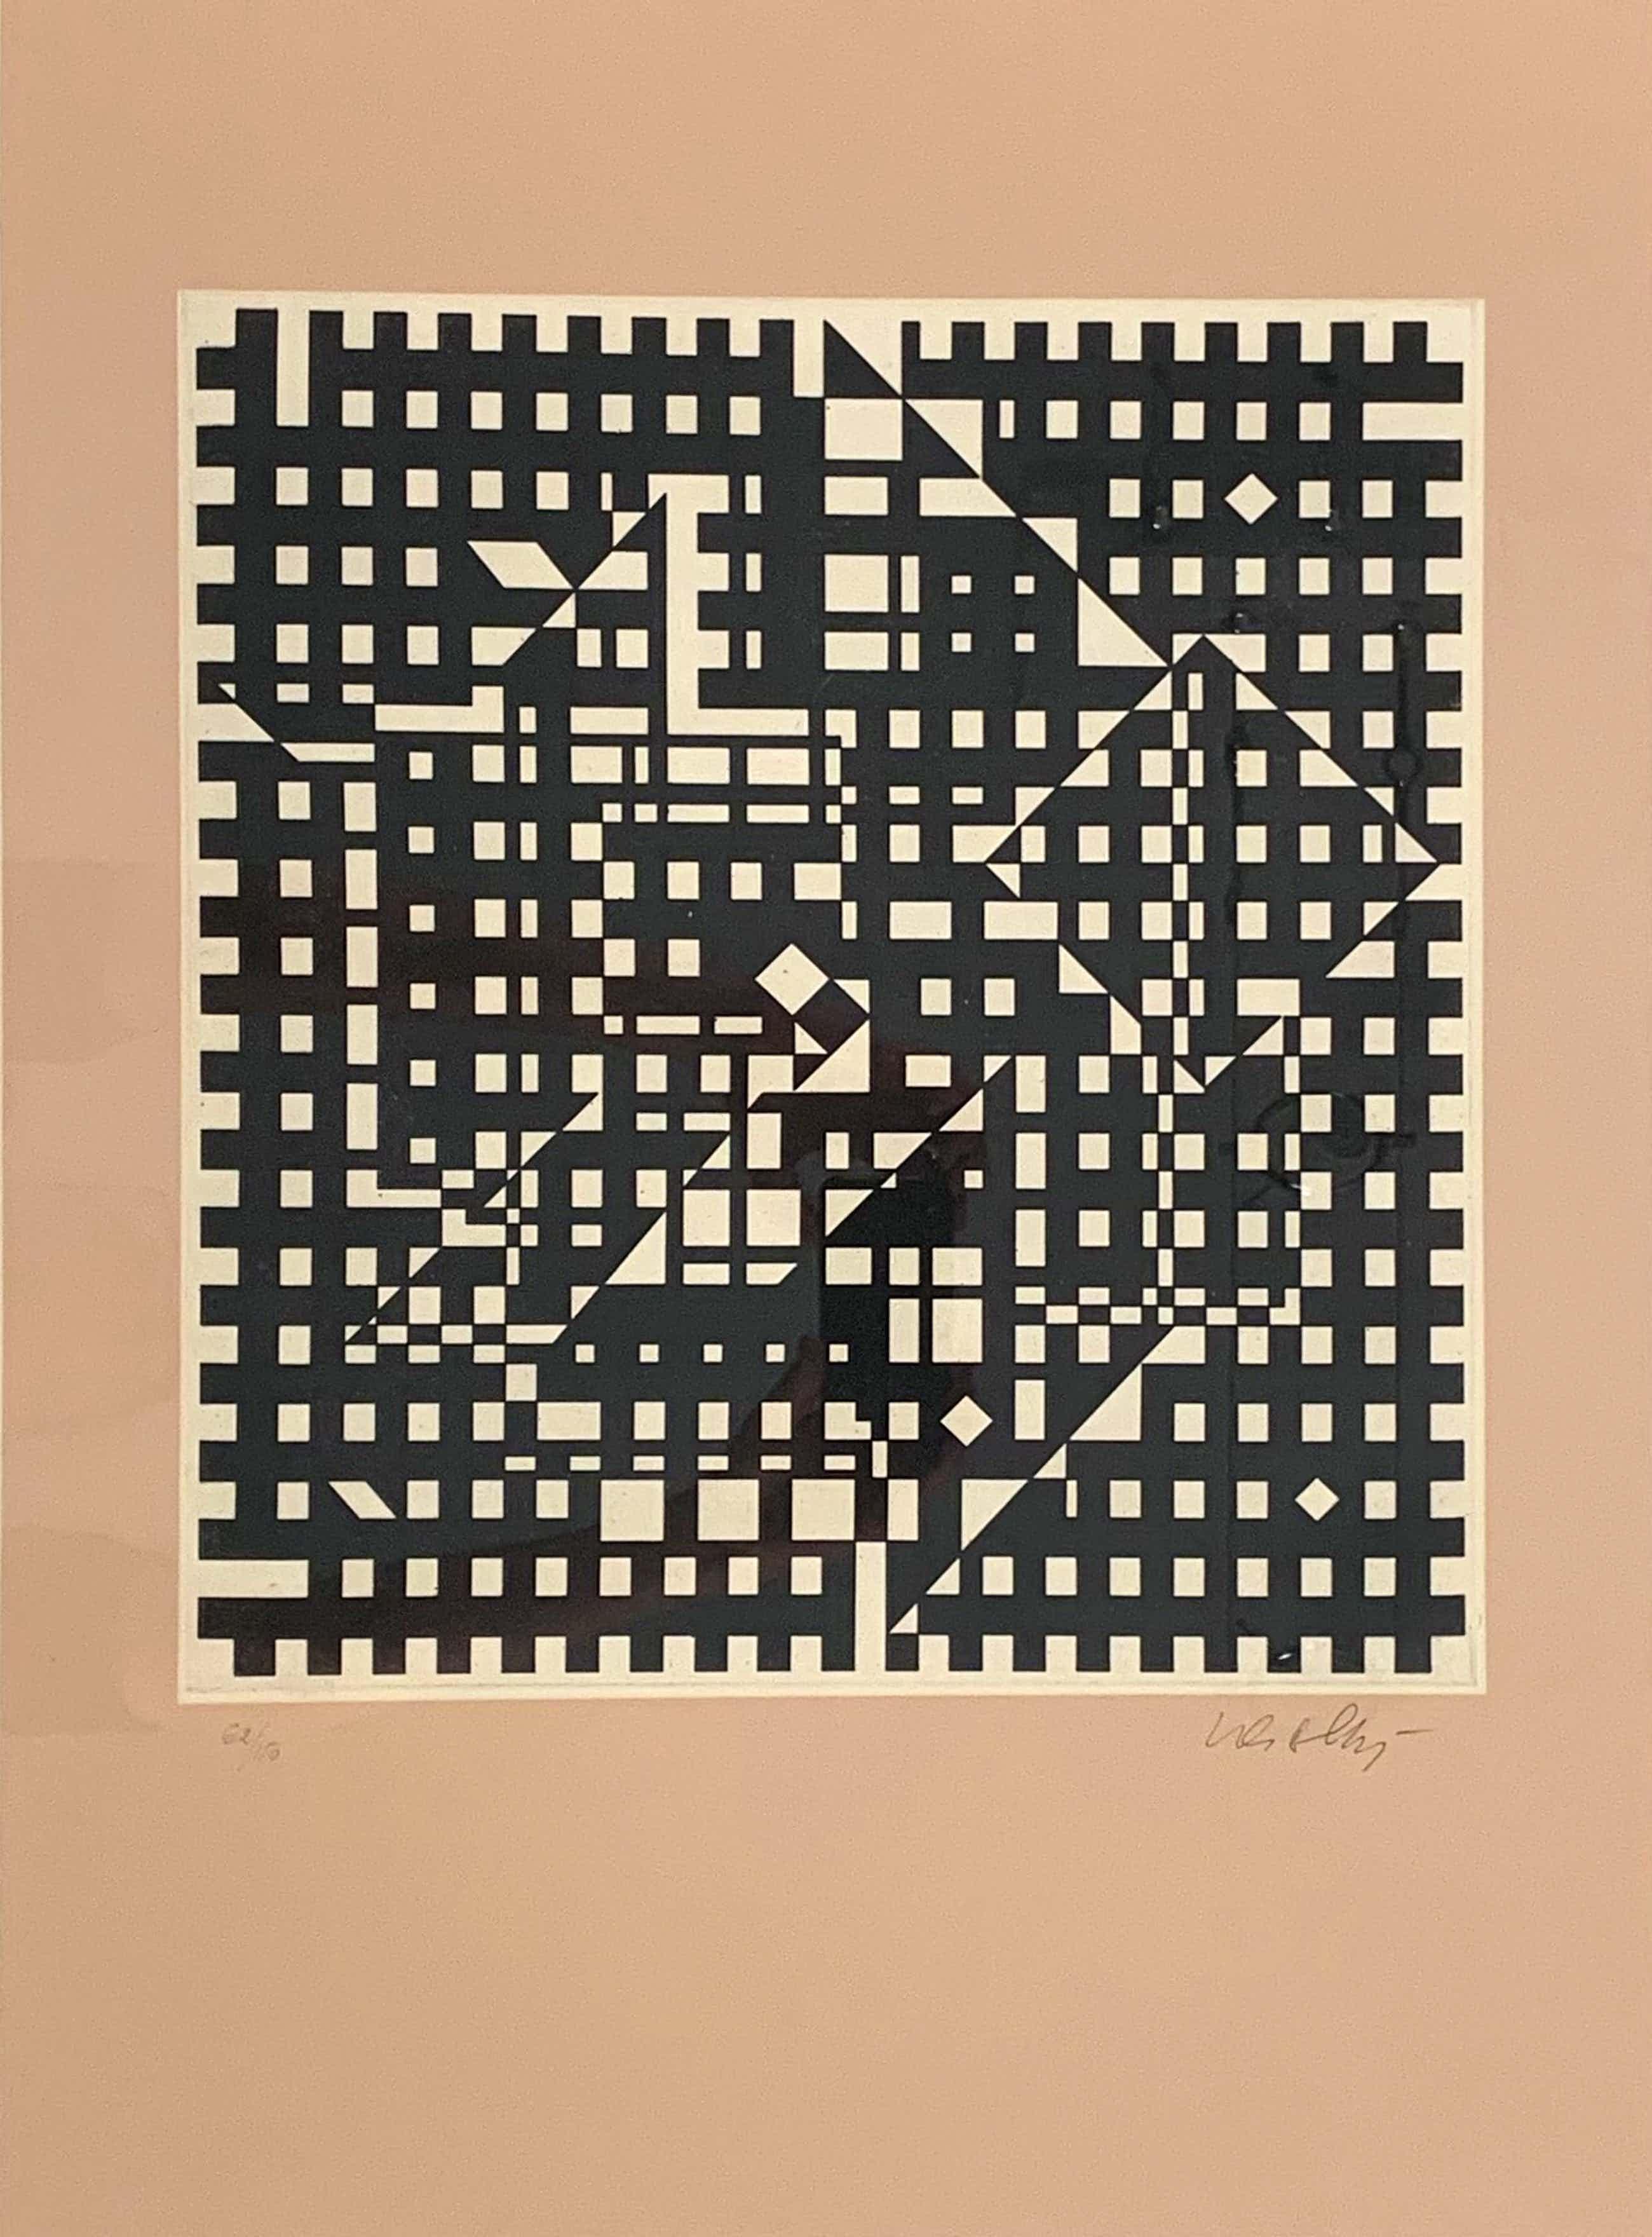 Victor Vasarely - gemengde techniek ets/zeefdruk - 'Aguia II' - 1965 (GROOT WERK) kopen? Bied vanaf 460!